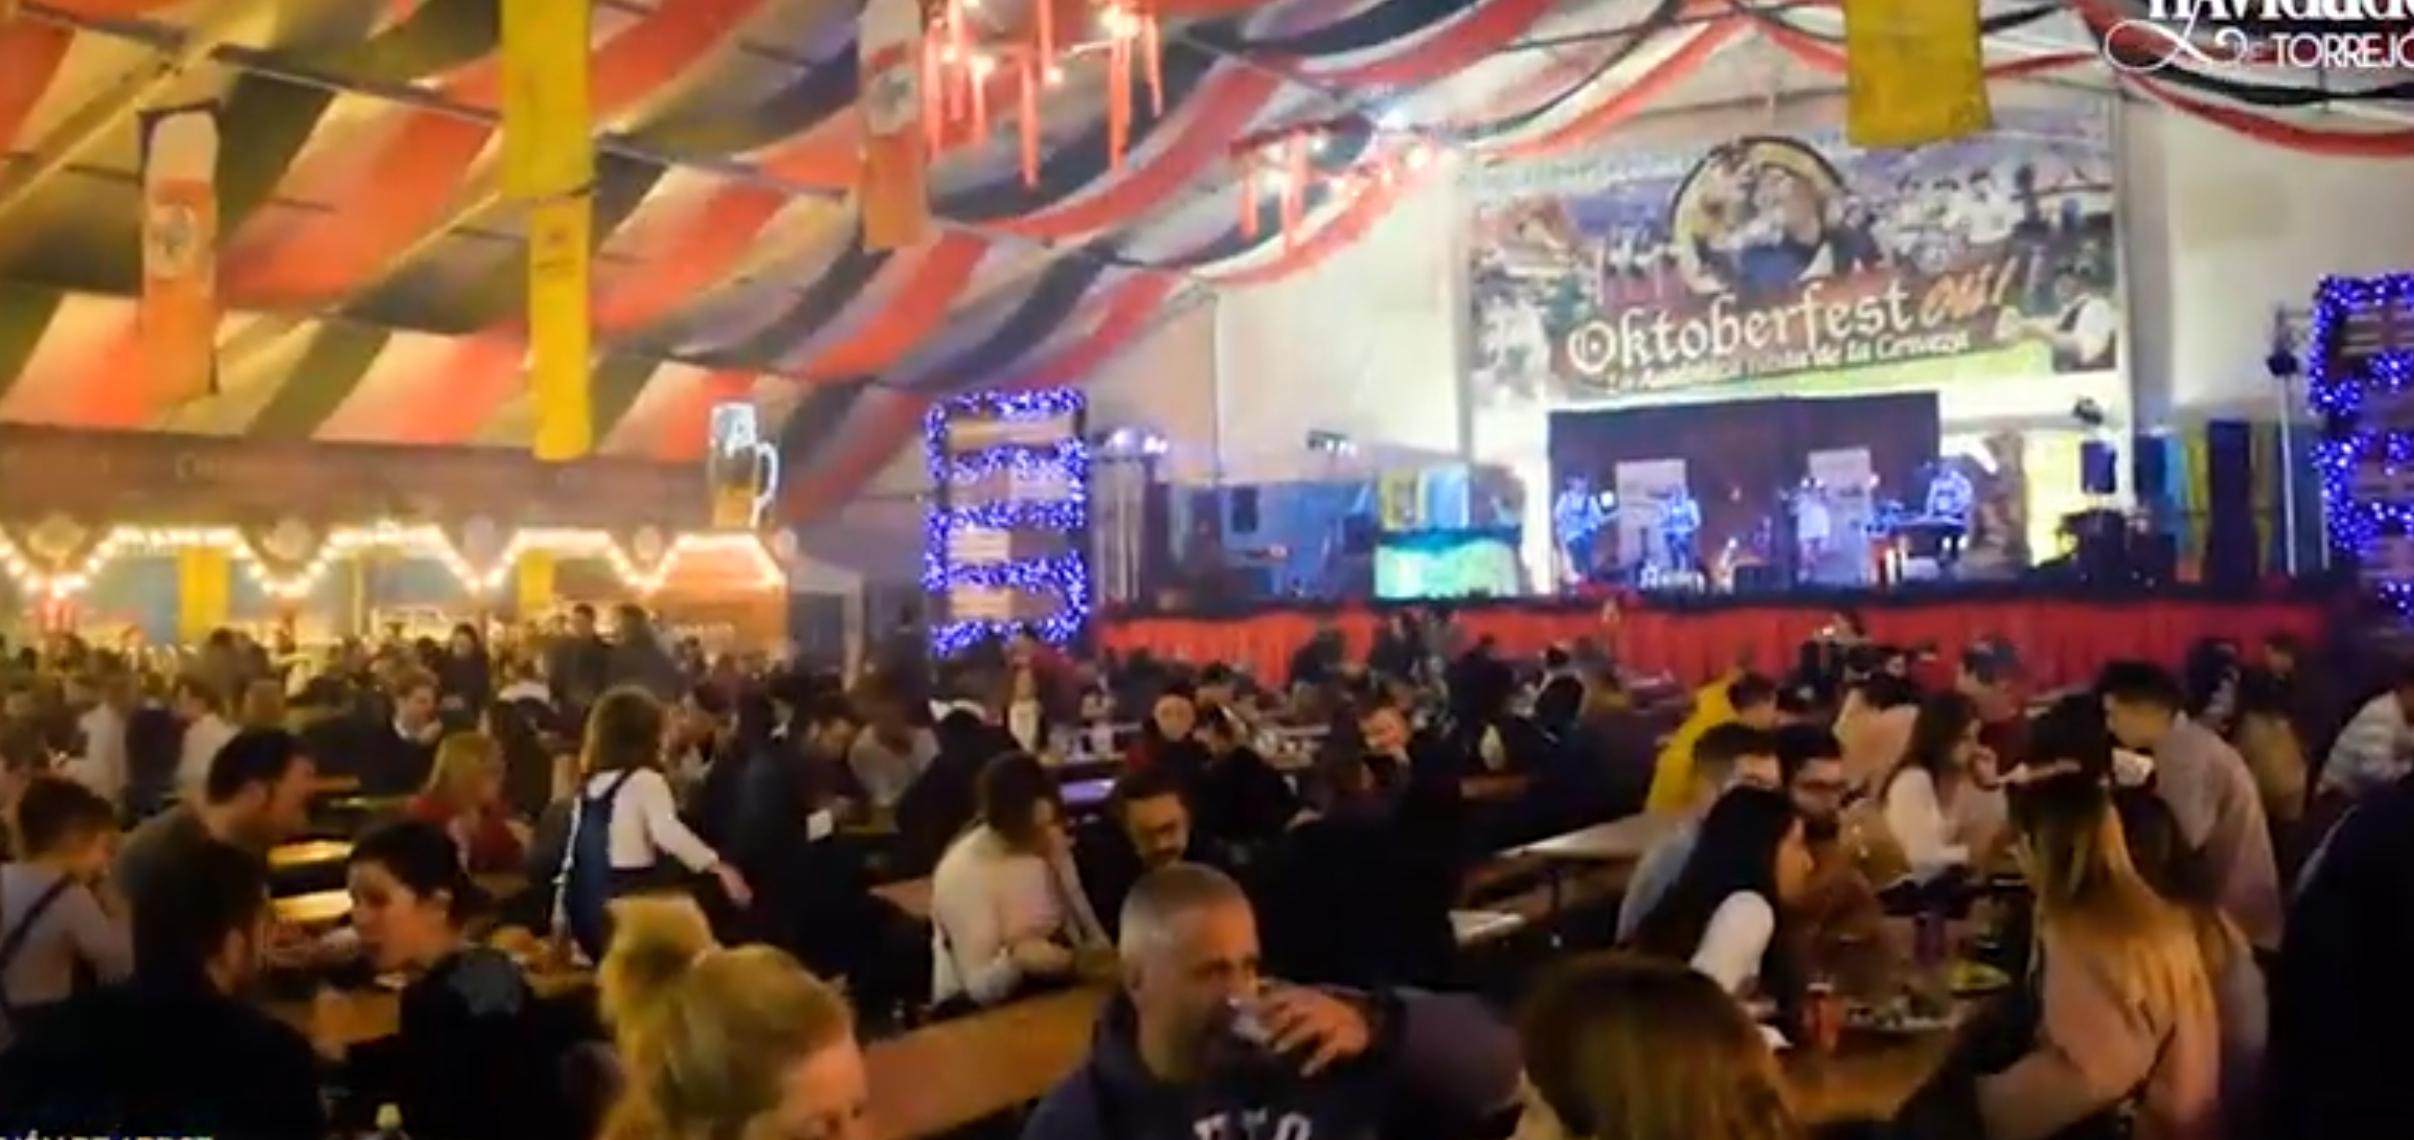 Otoberfest Ole! Torrejón de Ardoz